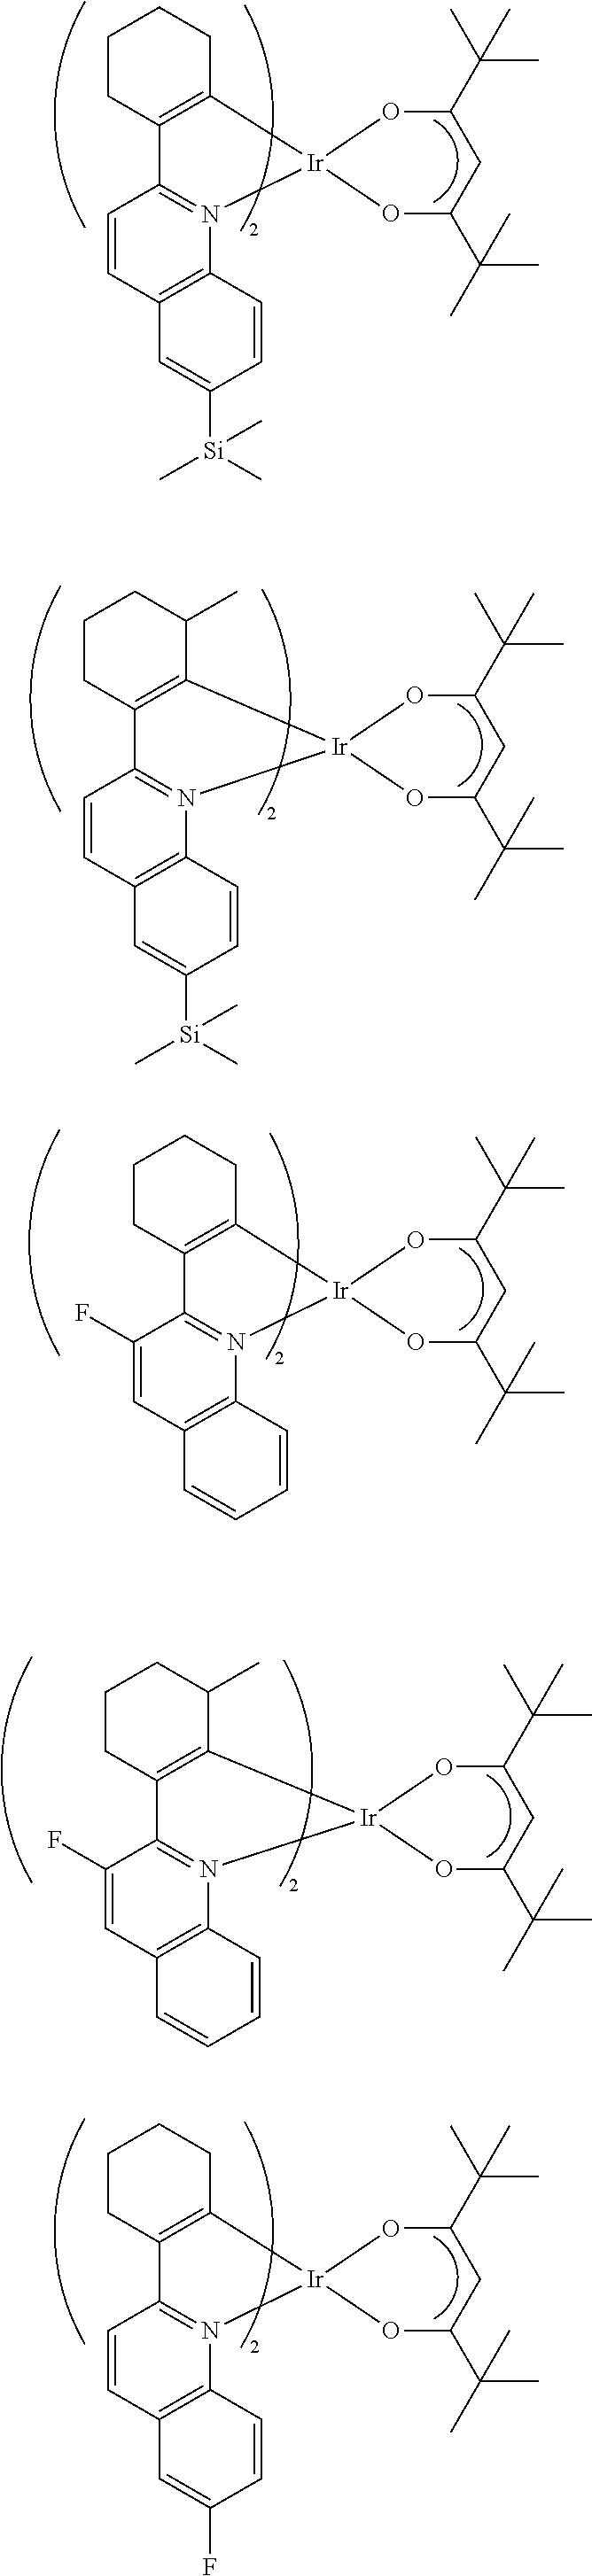 Figure US09324958-20160426-C00070